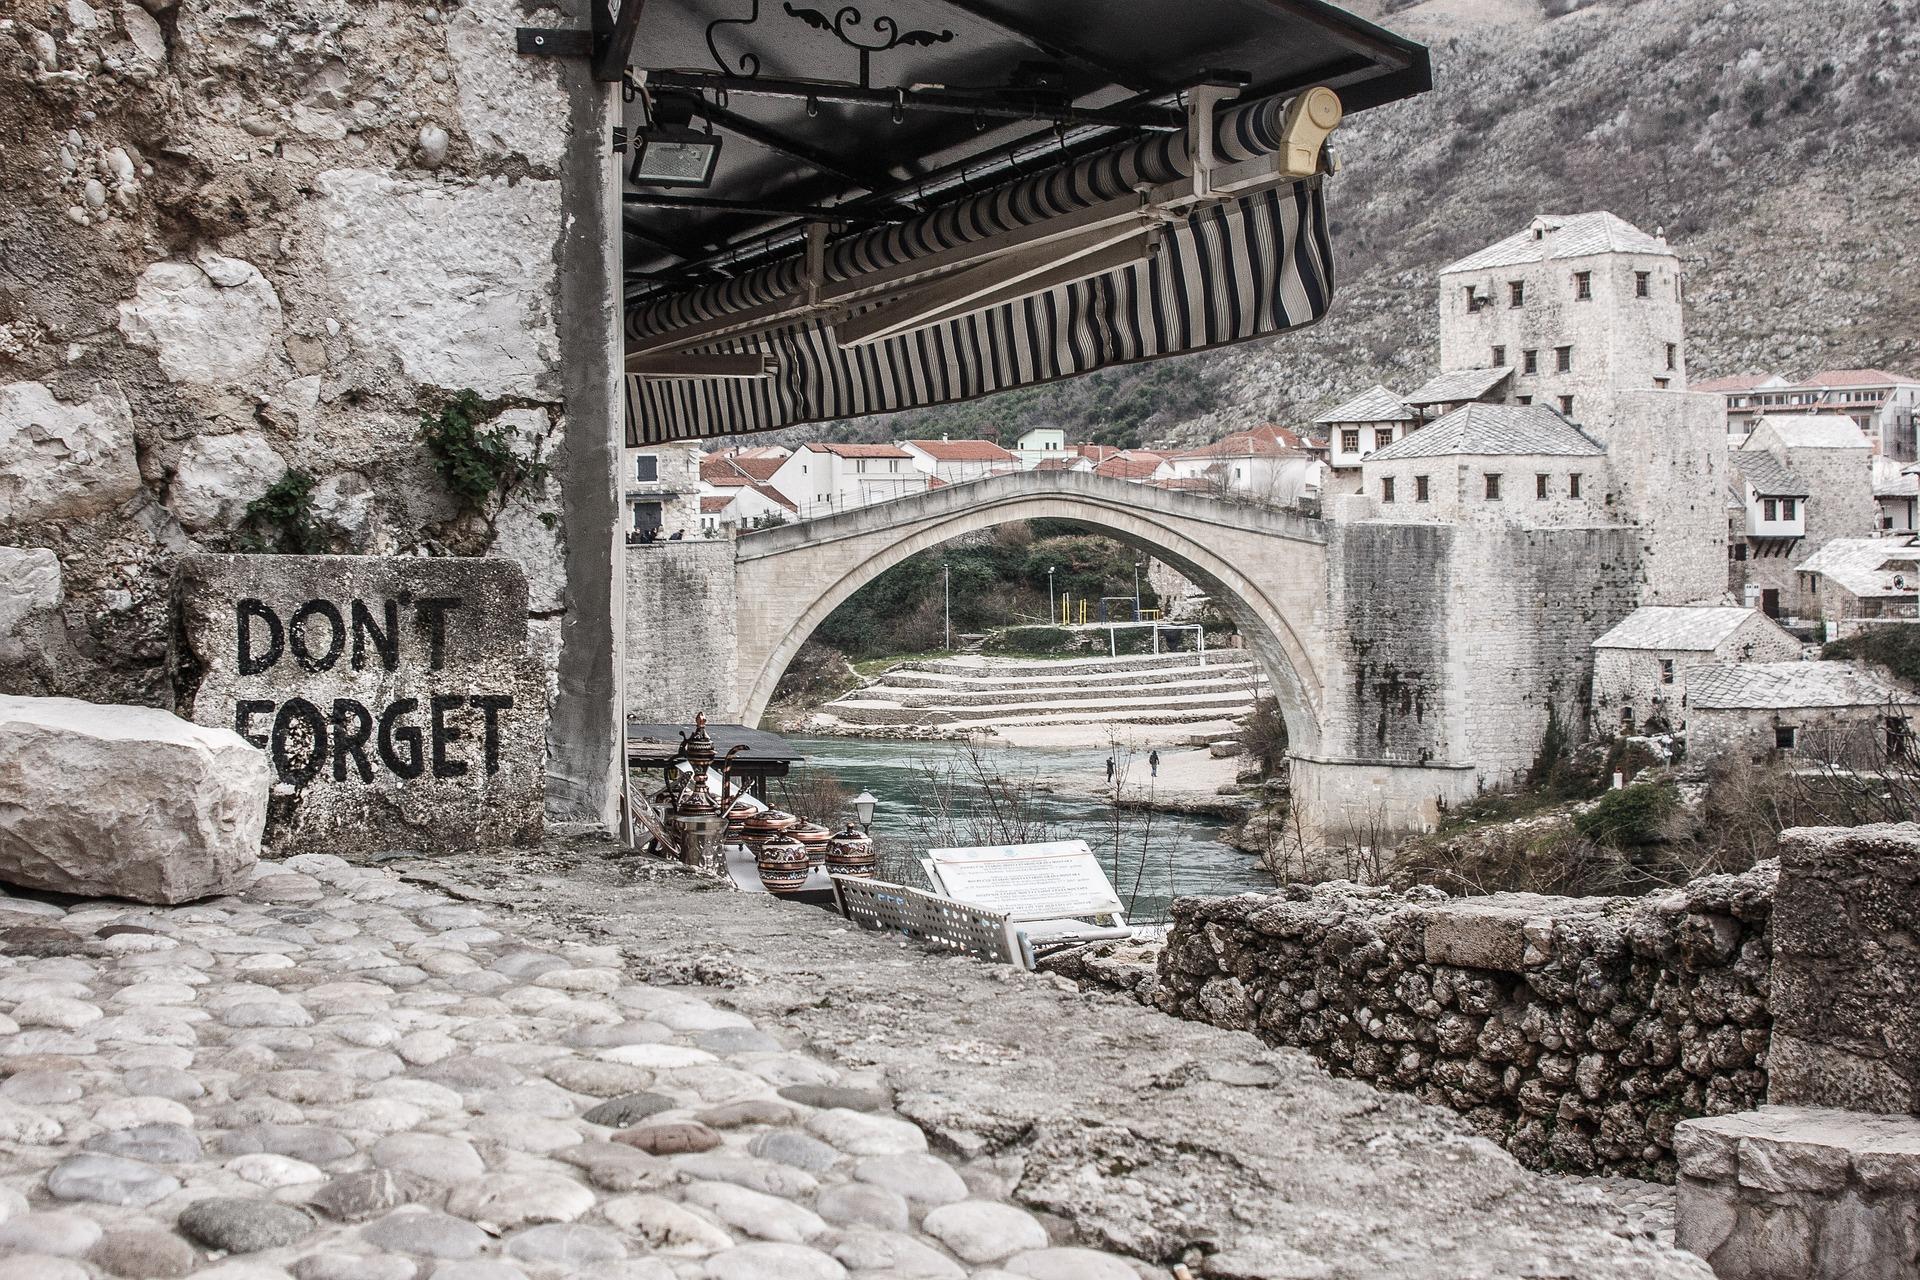 Visita Mostar y su puente con Ekorna